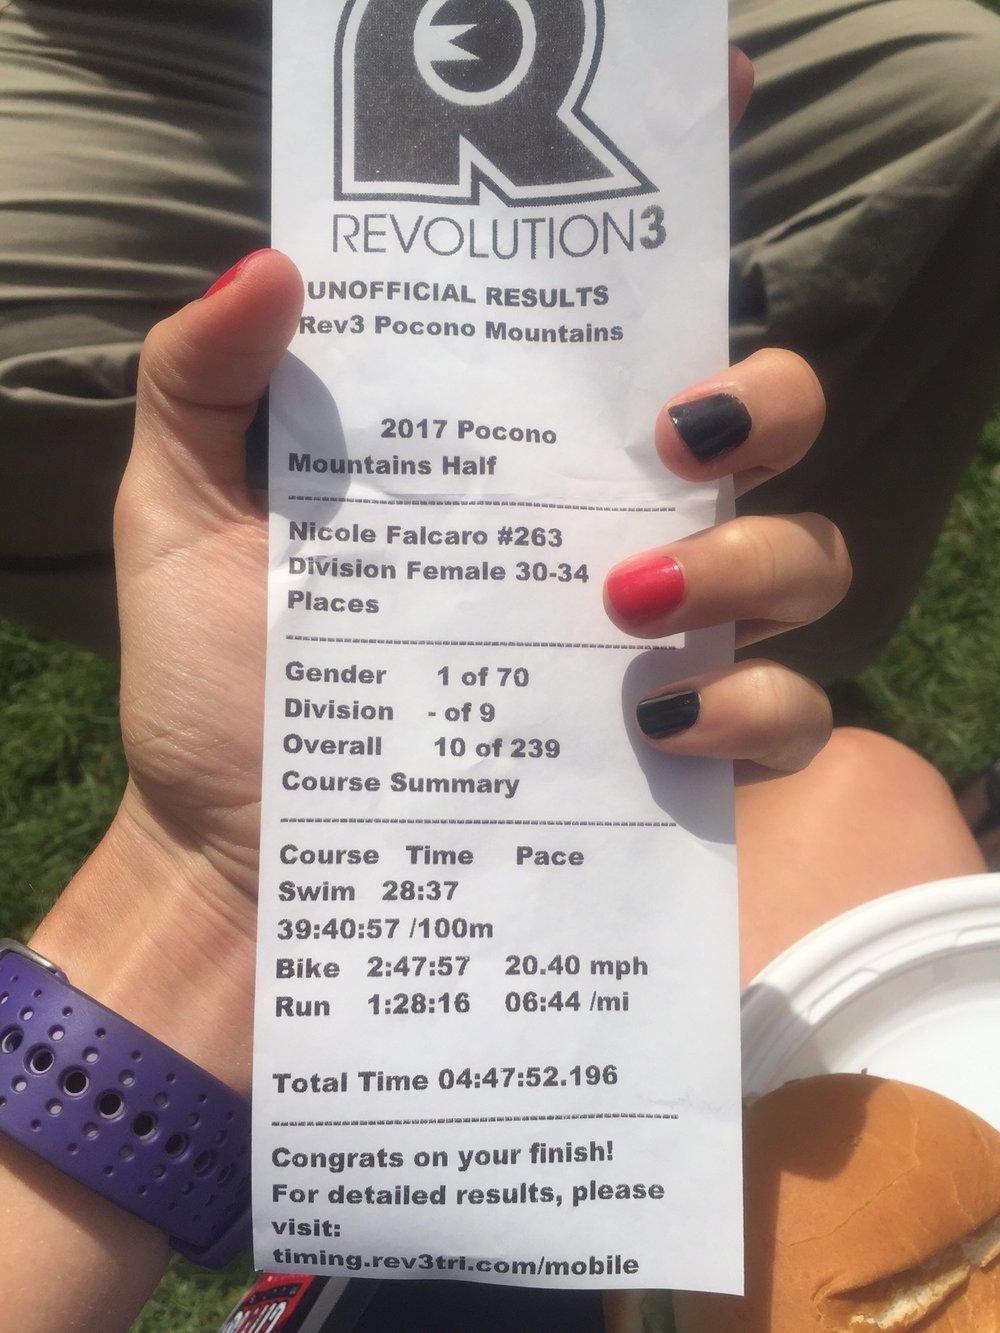 Final splits receipt